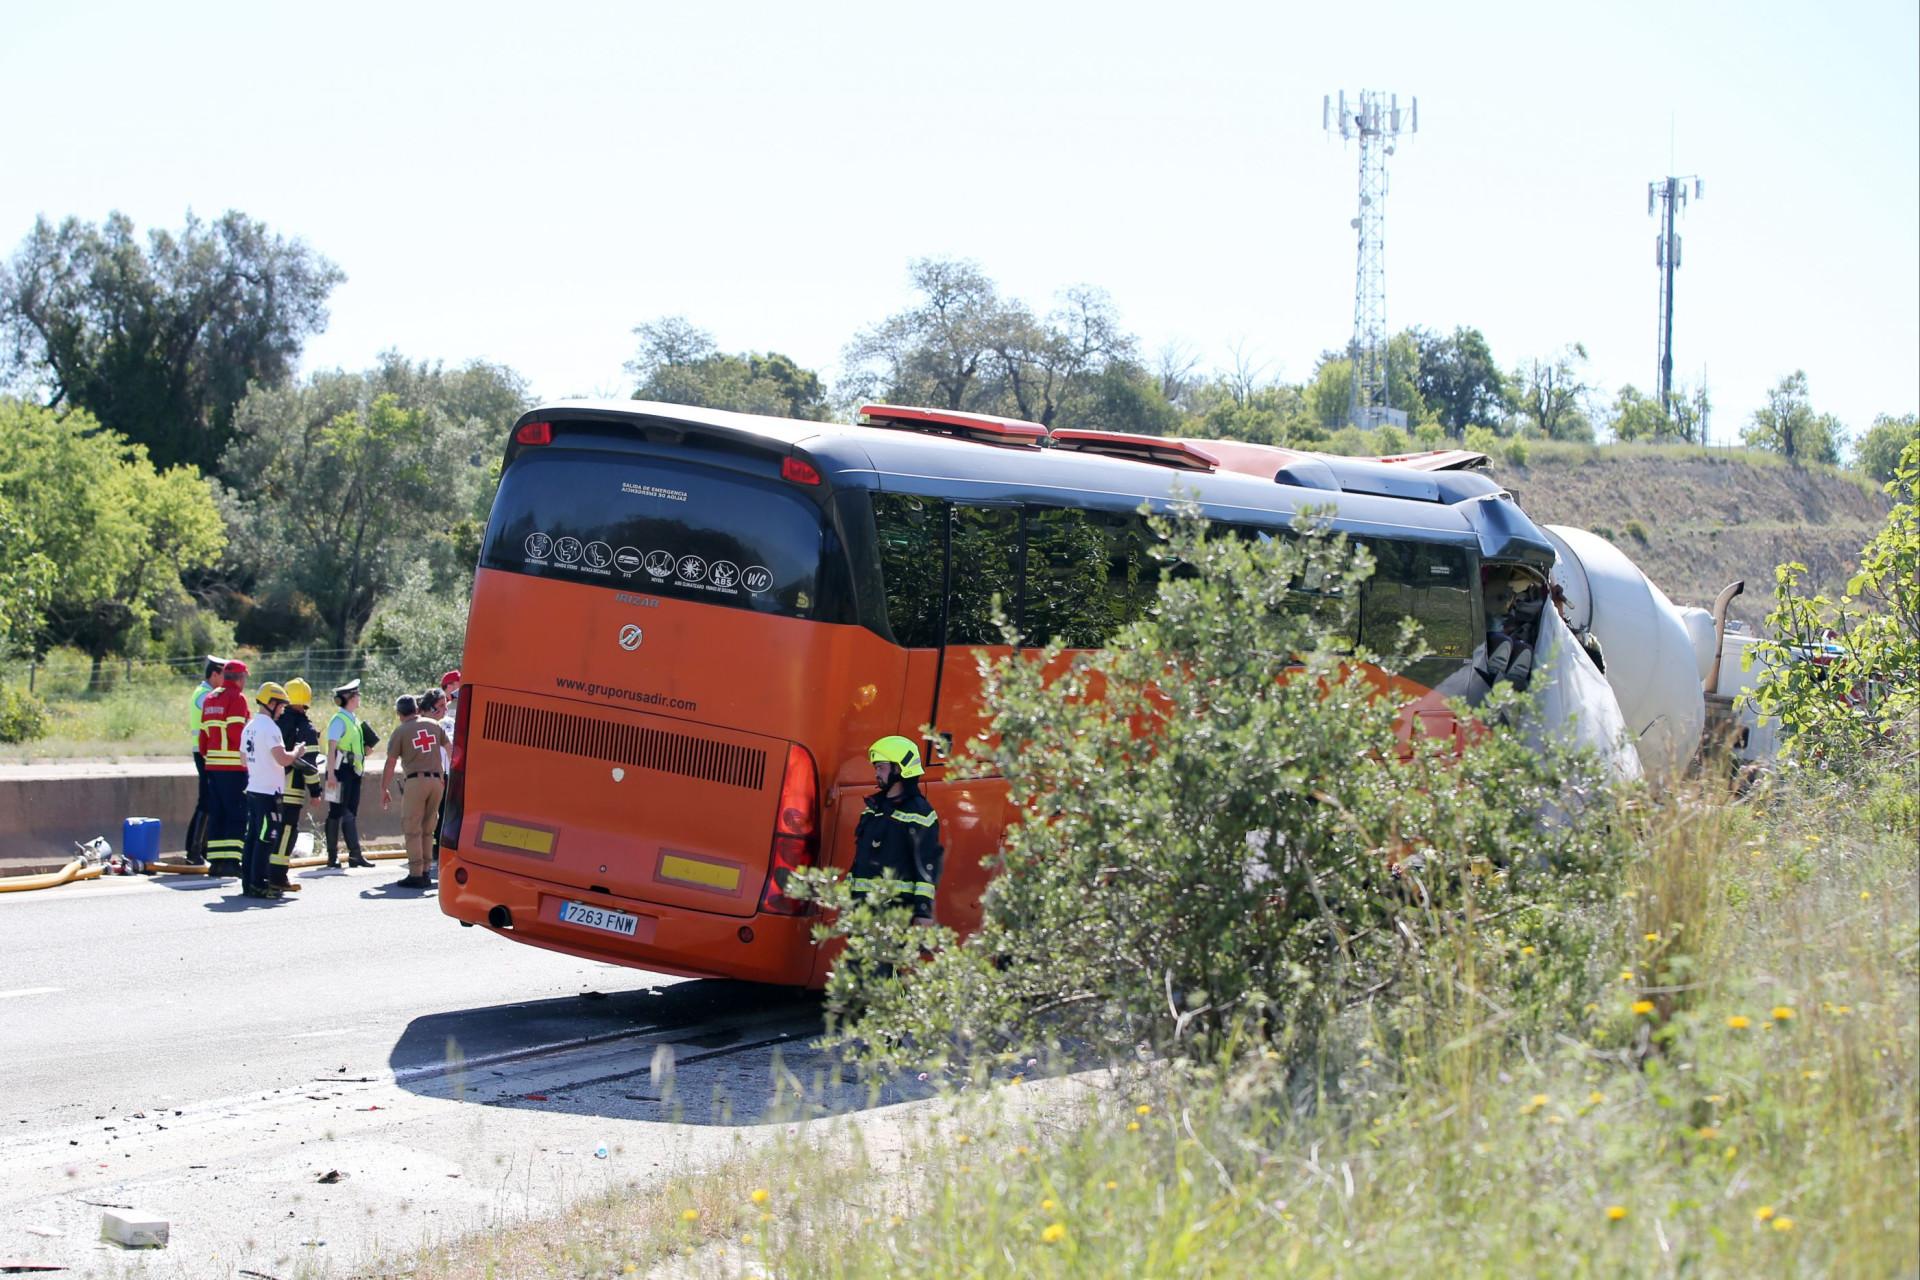 Eis as imagens do acidente na A22 que feriu 15 britânicos